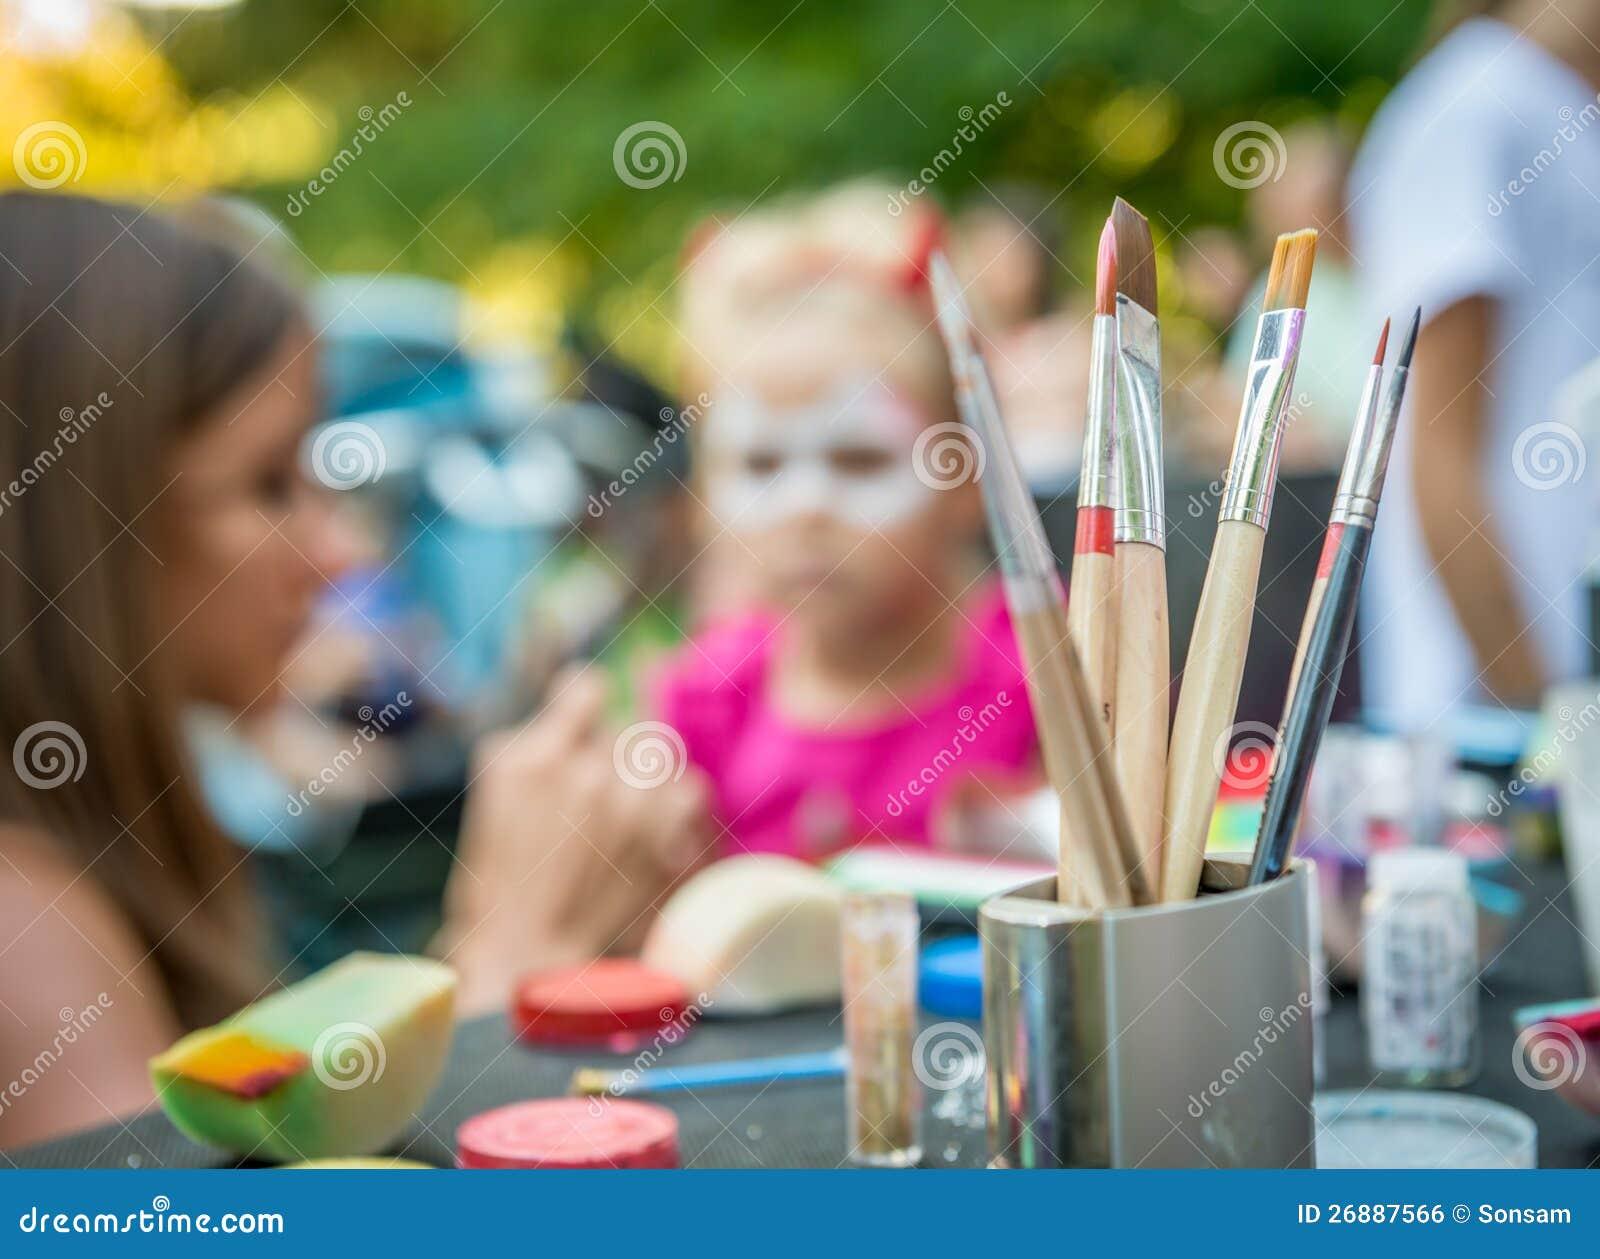 Niños justos - disfraz para el carnaval